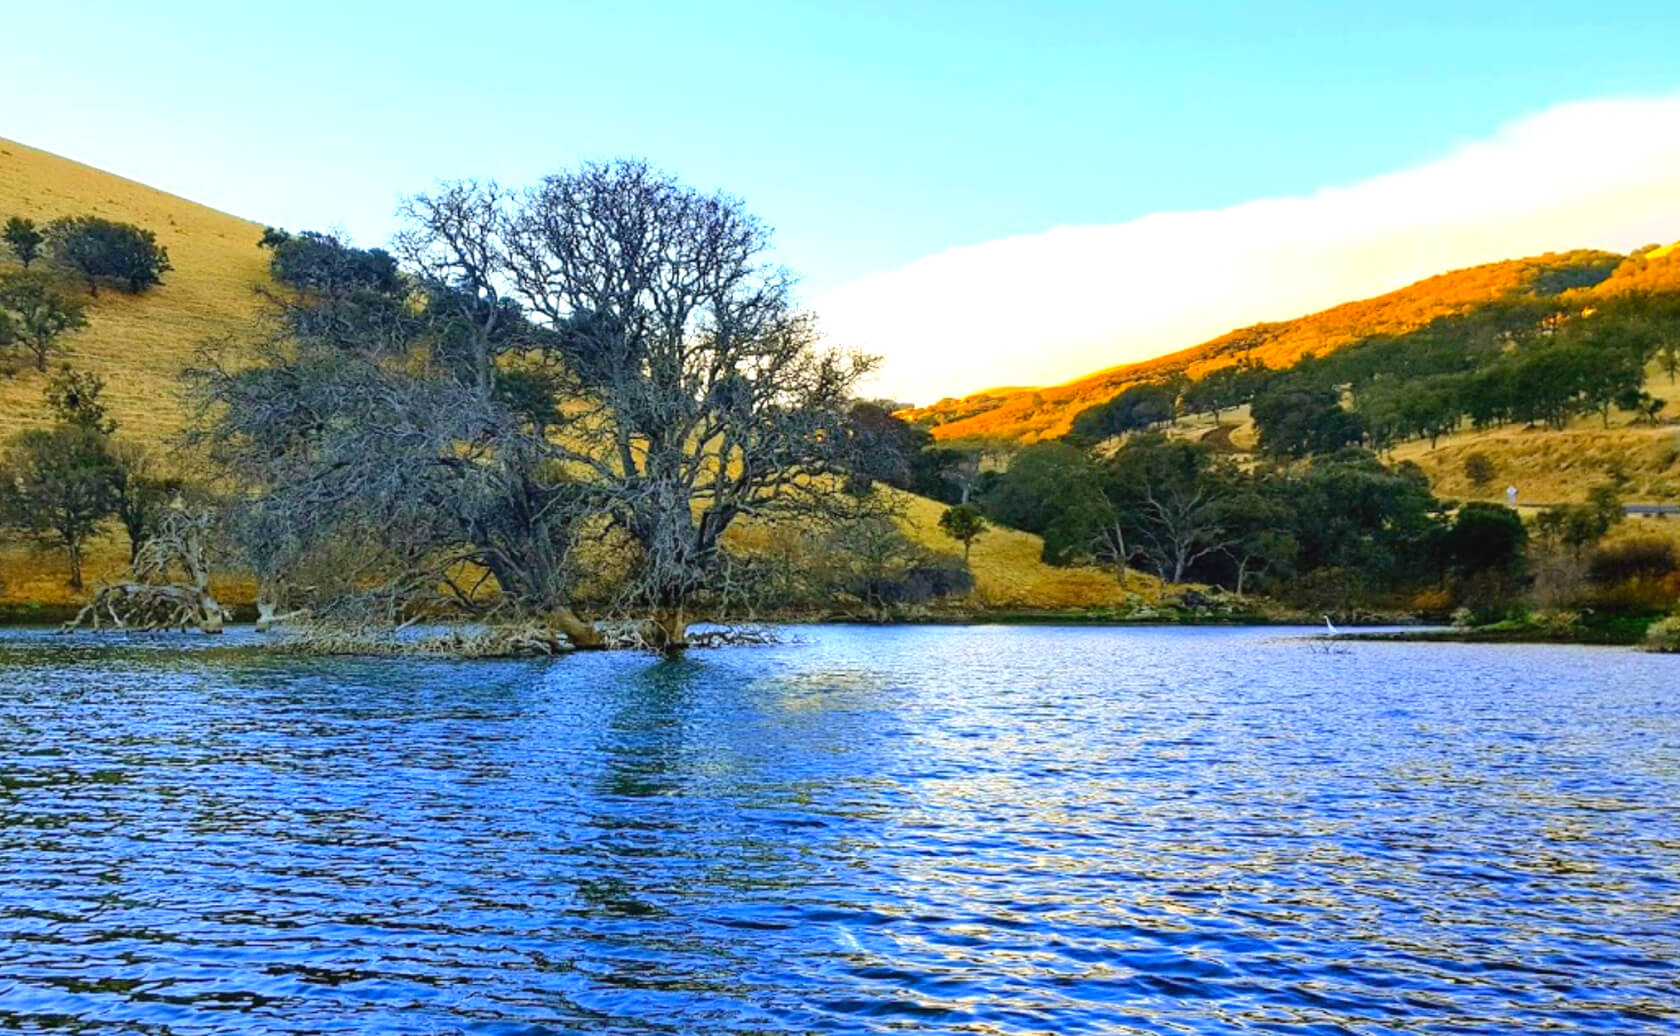 Los-Vaqueros-Reservoir-Lake-Fishing-Guide-Report-California-03